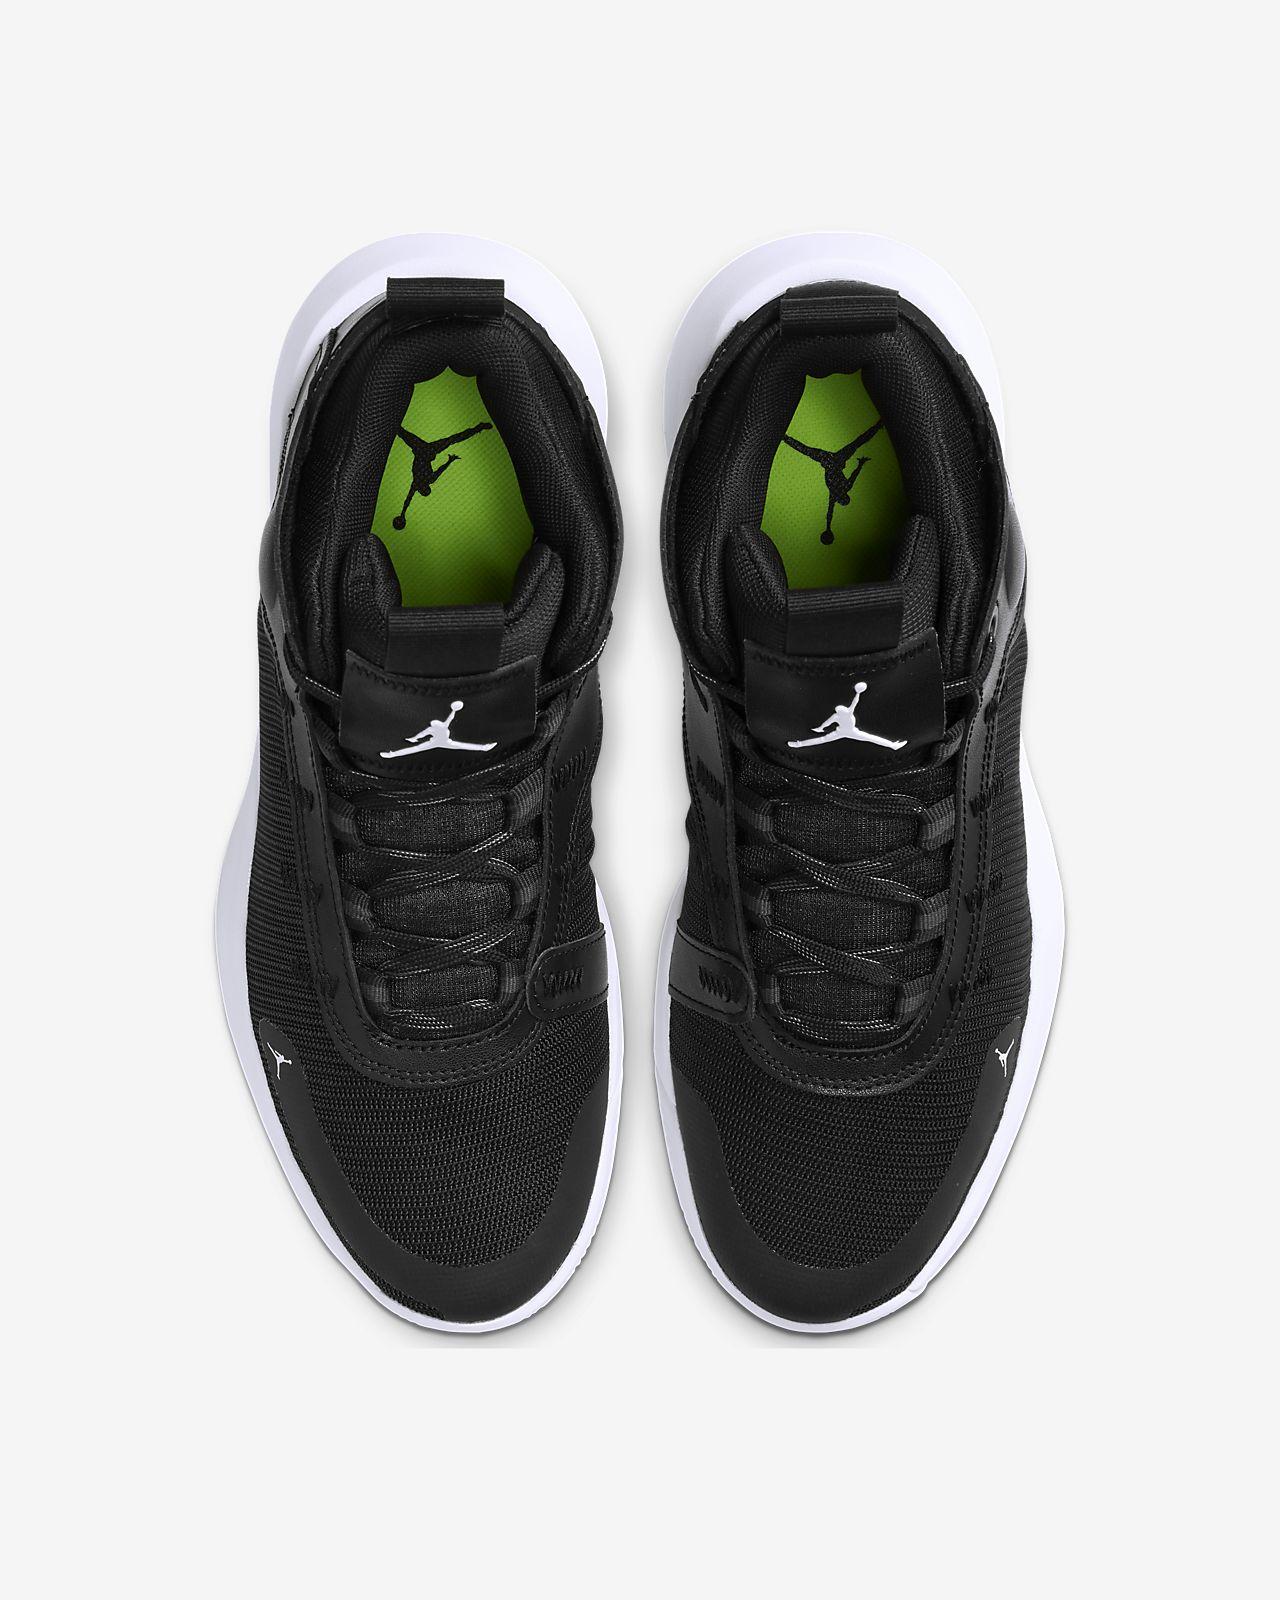 35 Best Sneakers for Men 2020 – Sneaker Styles for Guys